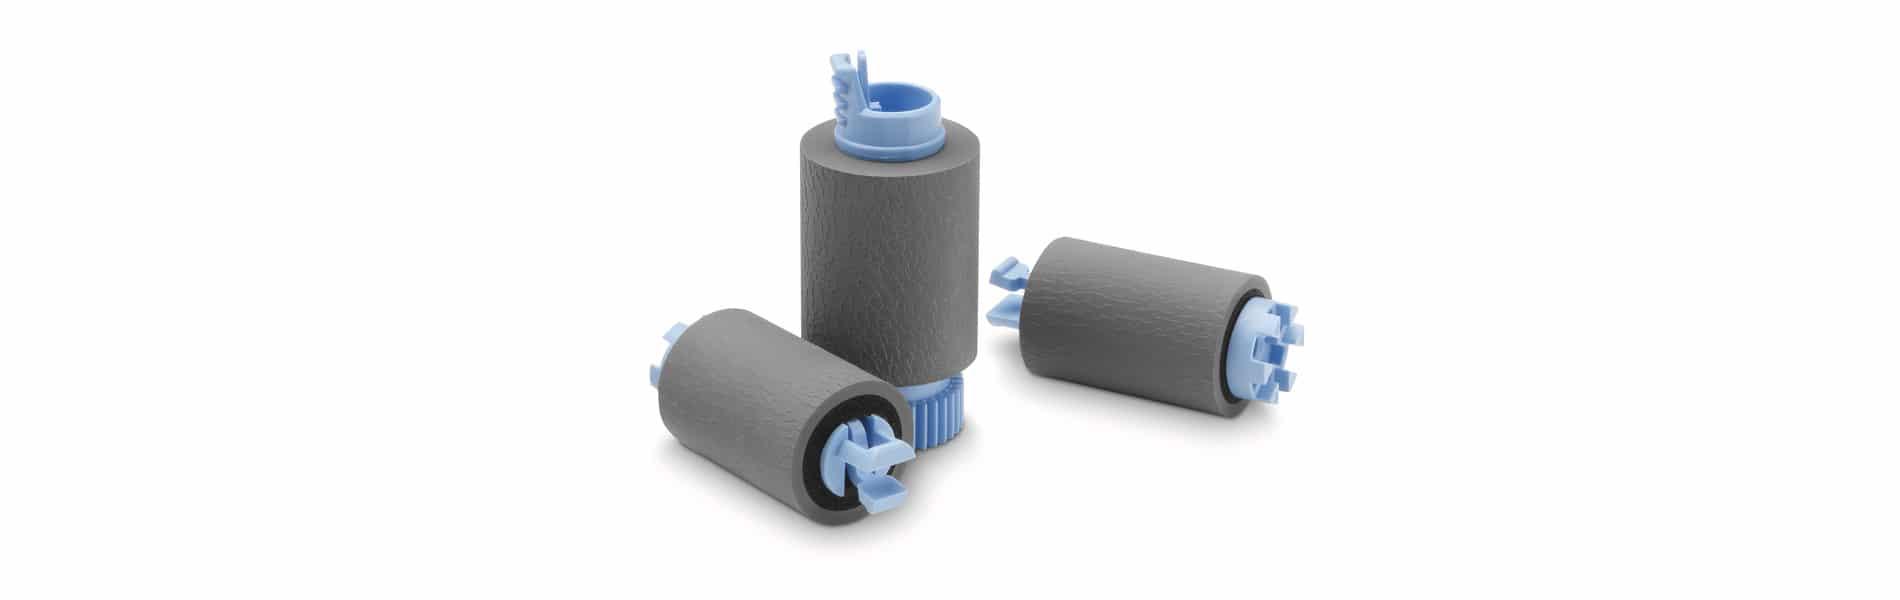 Wenn die Einzugsrollen vom Papiereinzug abgenutzt sind, verursacht ein Drucker oder Kopierer Papierstau.